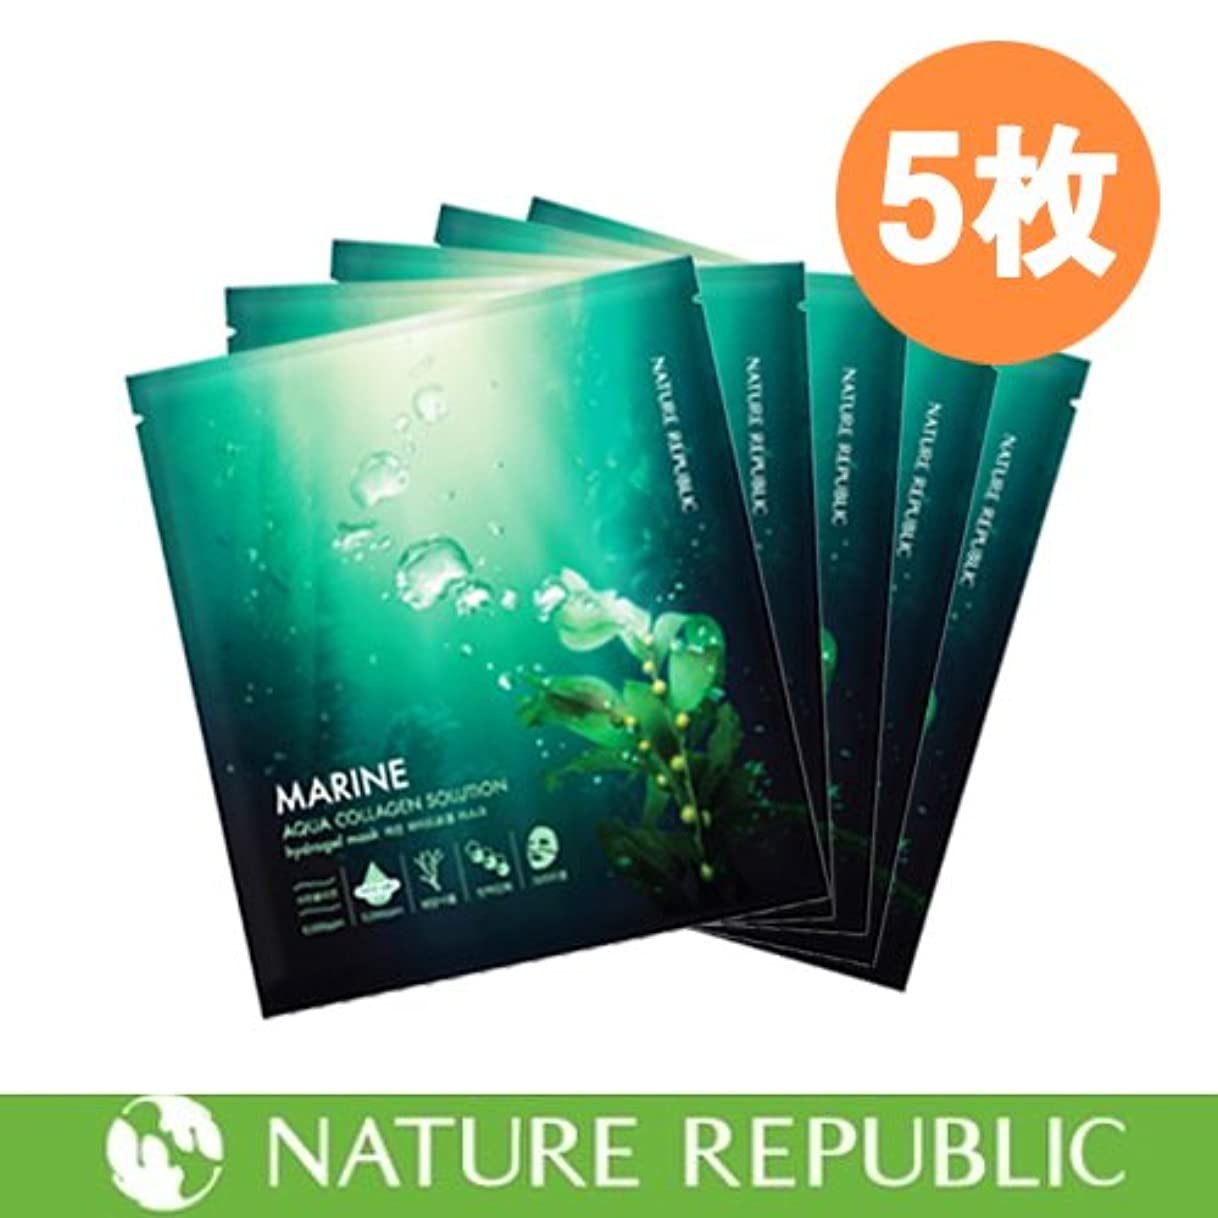 実行はぁさようならNATURE REPUBLIC(ネイチャーリパブリック) Aqua Collagen アクアコラーゲンソリューション マリン ハイドロ ゲル マスク 5枚セット[海外直送品]